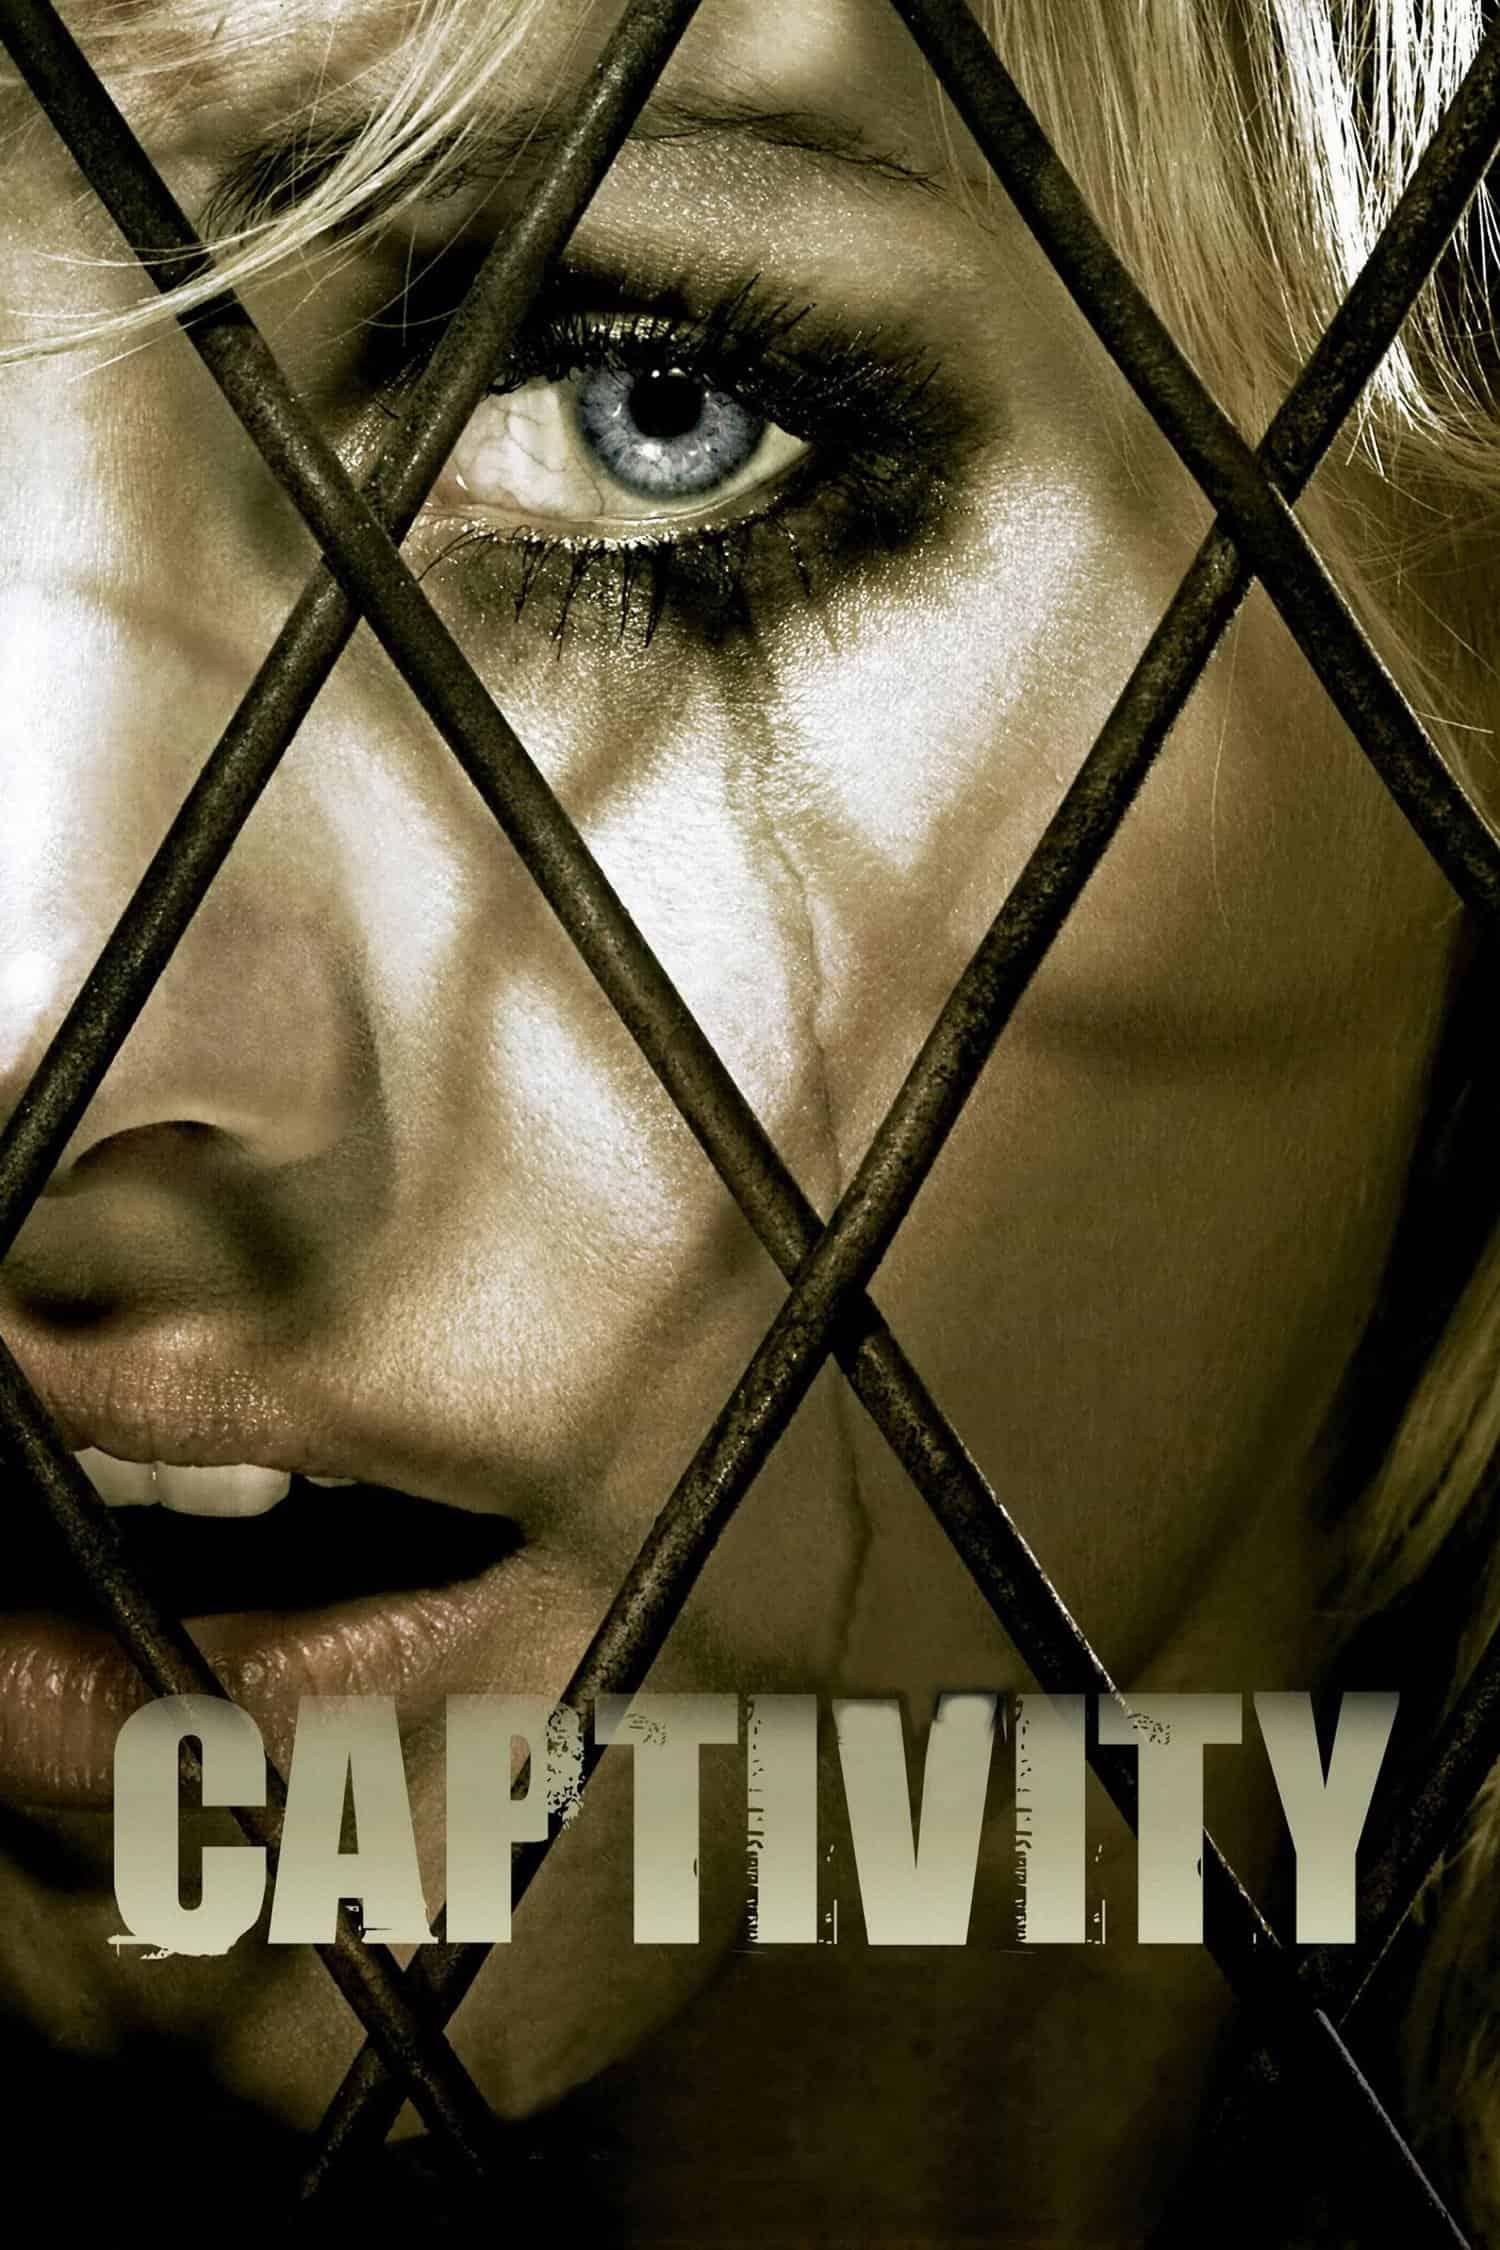 Captivity, 2007